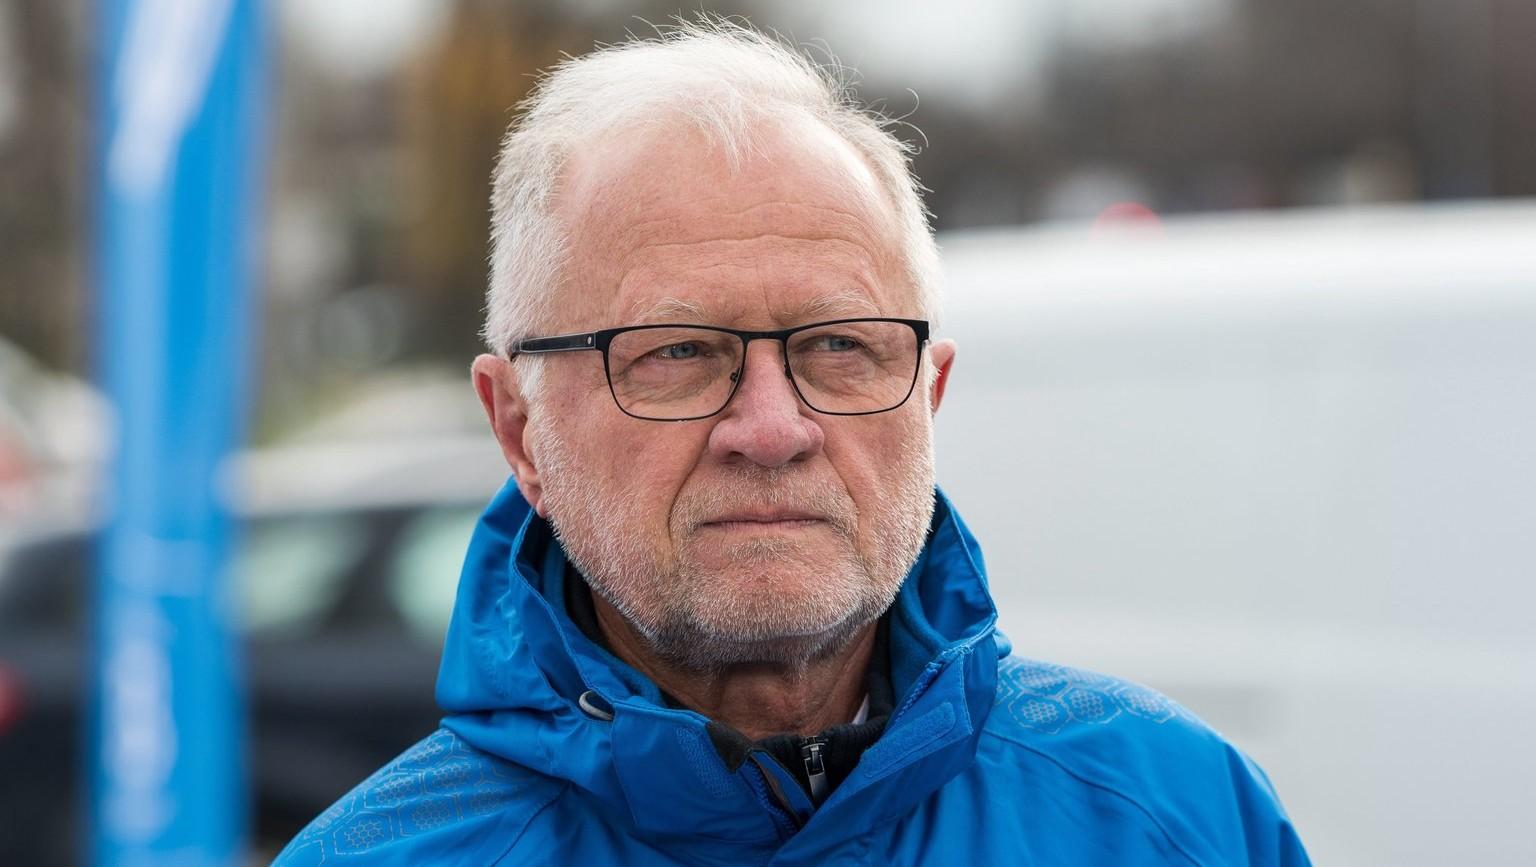 Lehel László, az Ökumenikus Segélyszervezet elnök-vezérigazgatója (Fotó: MTI/Mónus Márton)